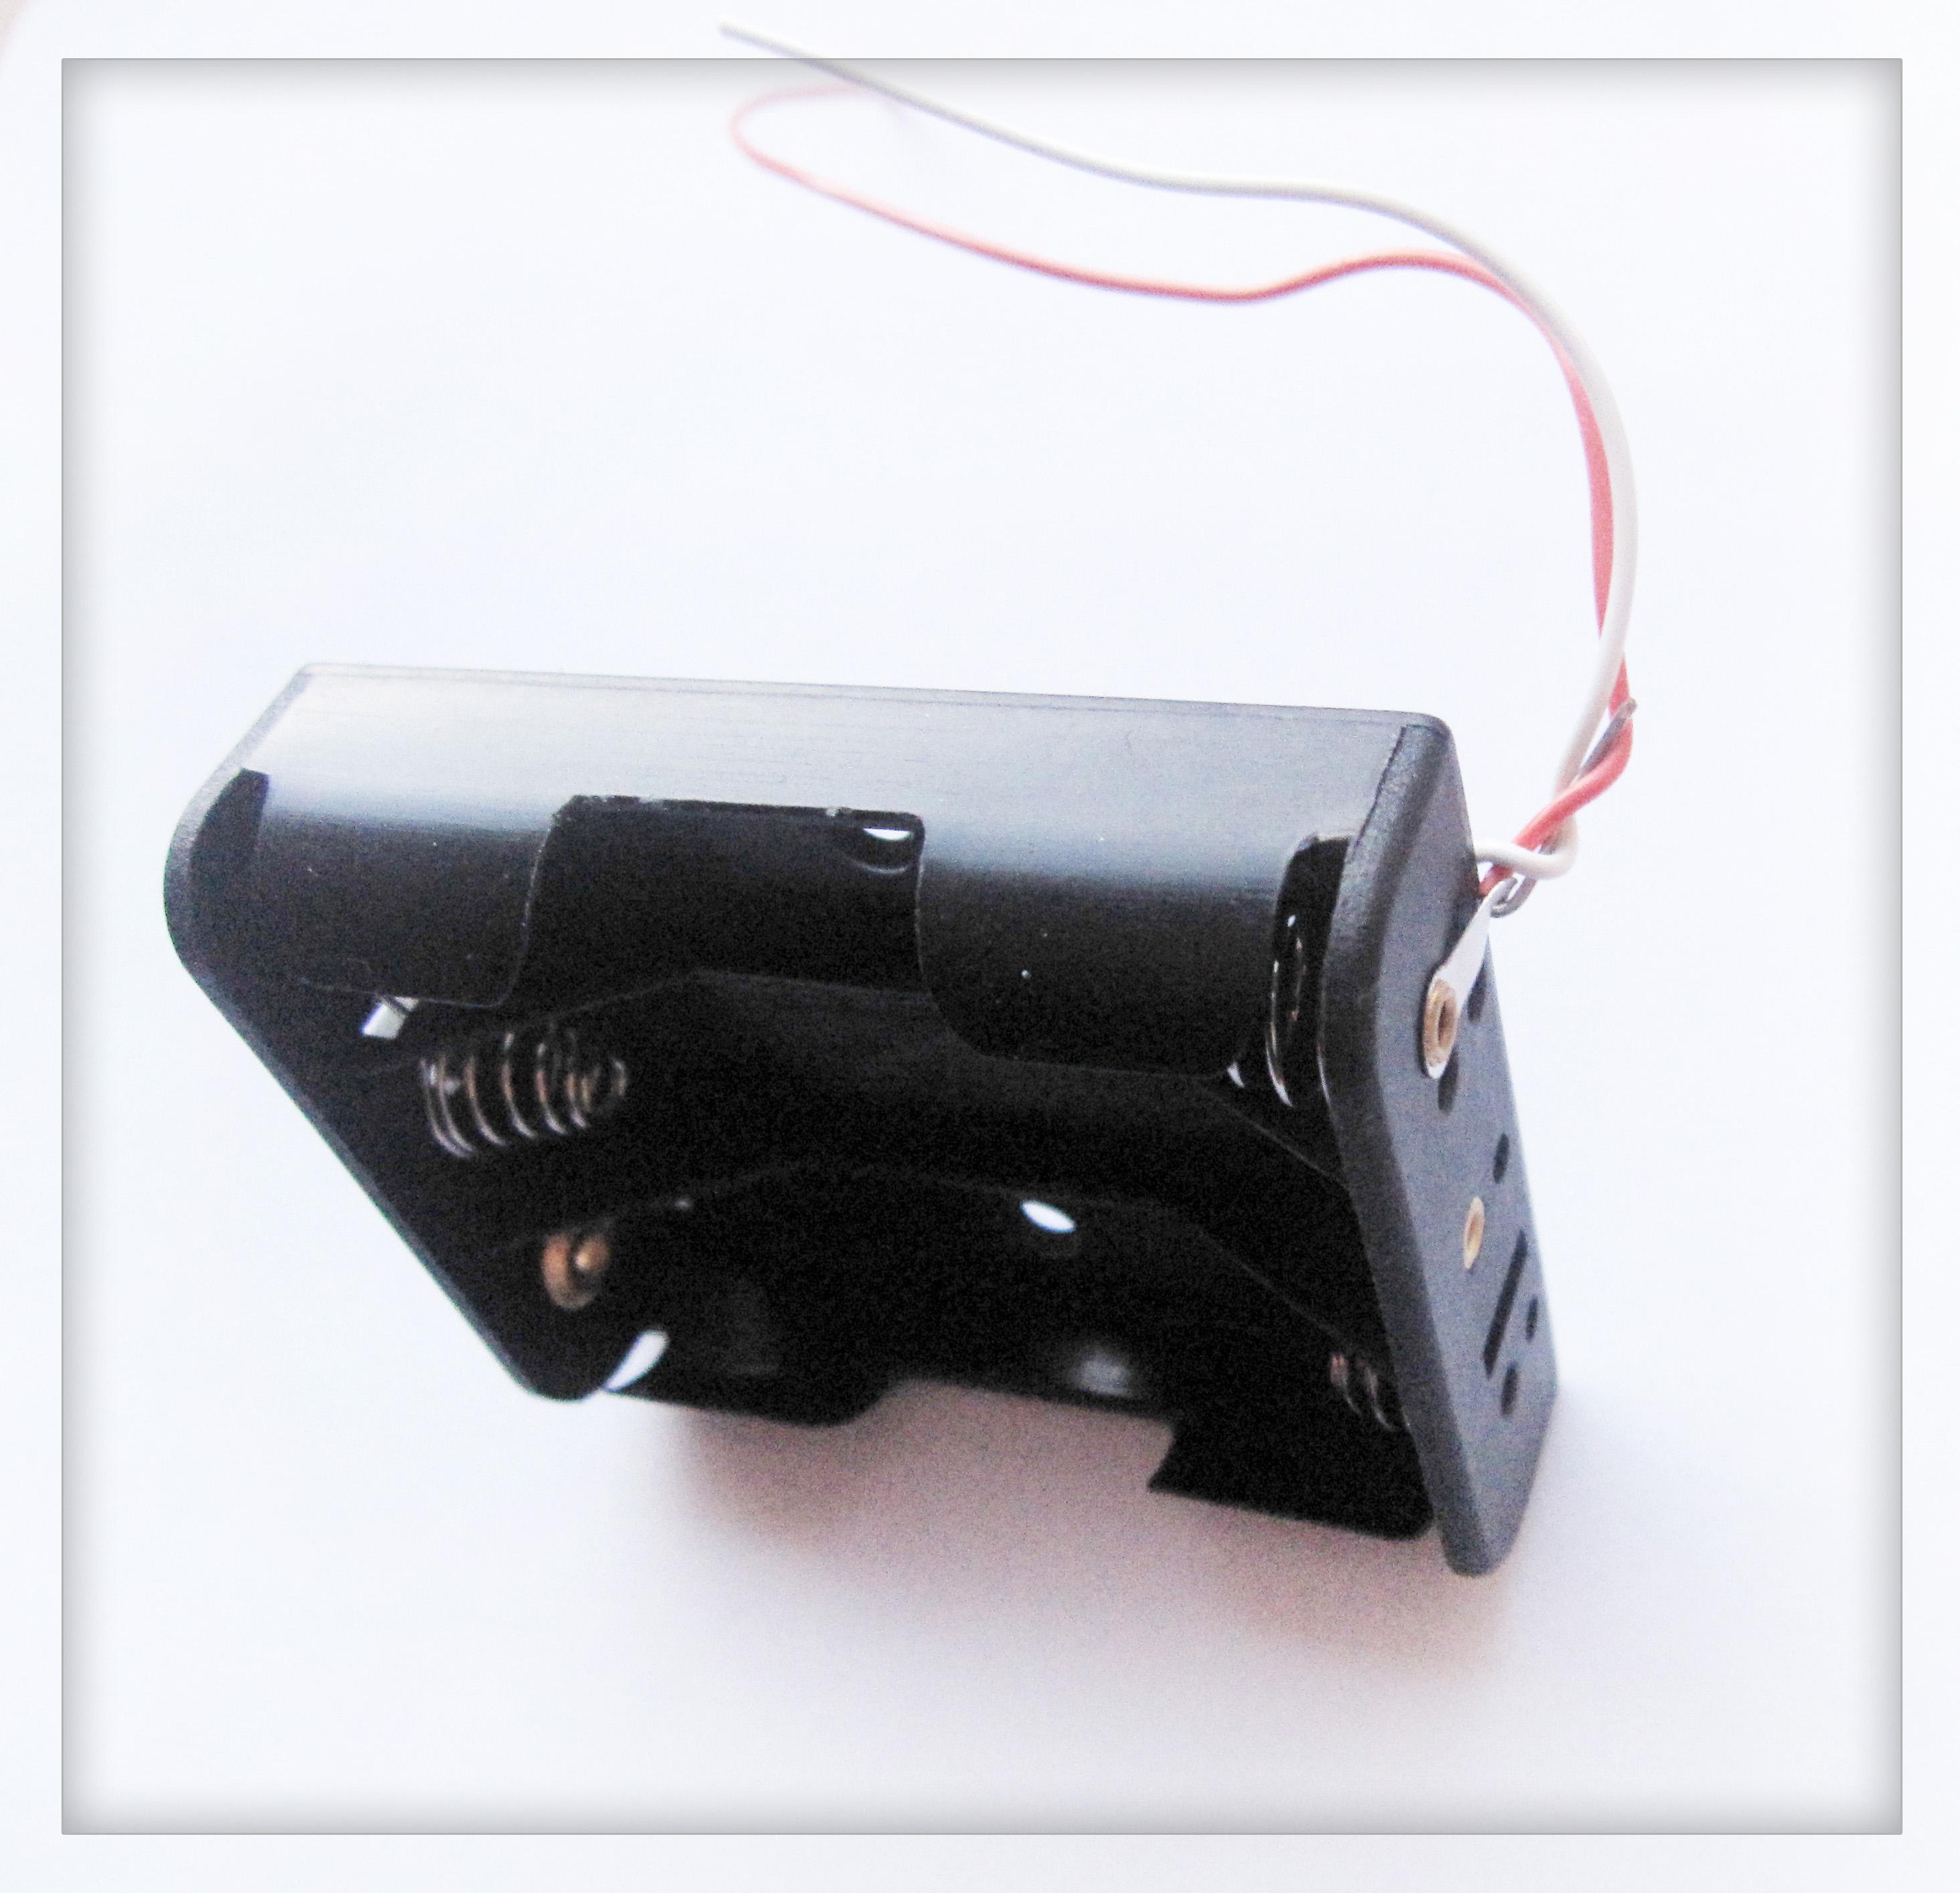 коробочка для батареек